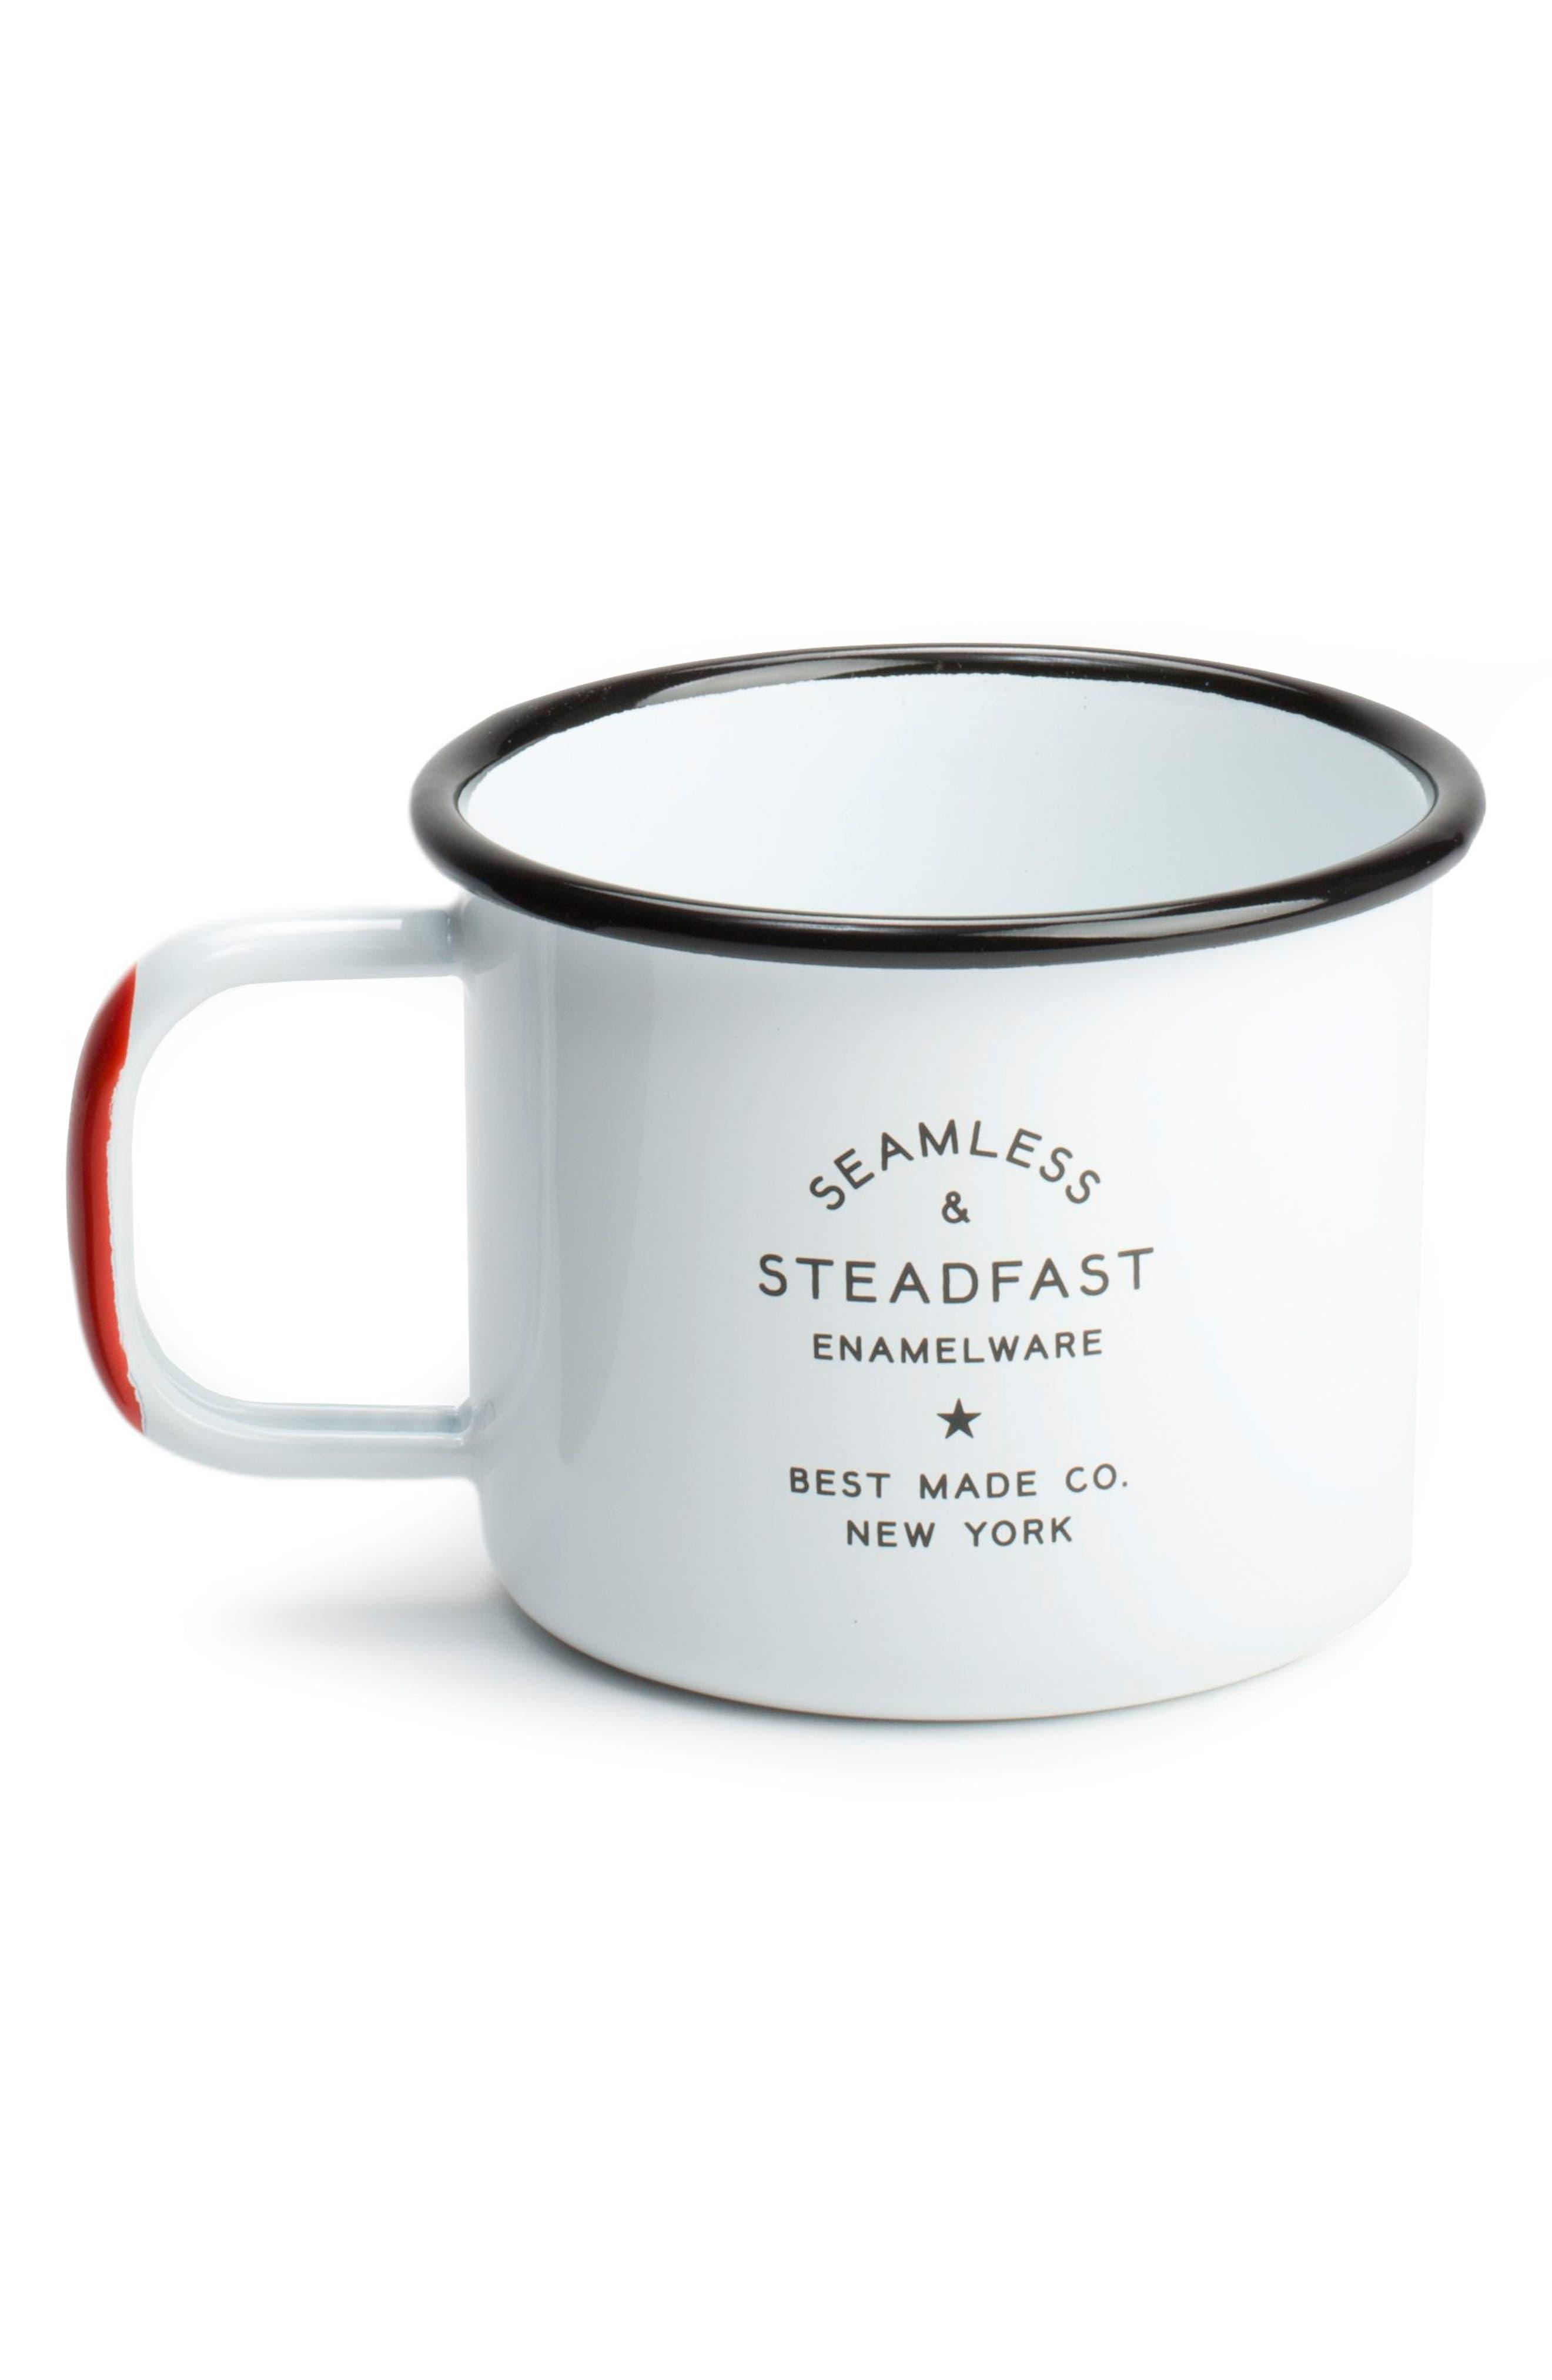 BEST MADE CO.,                             Set of 2 Enameled Steel Mugs,                             Alternate thumbnail 3, color,                             WHITE